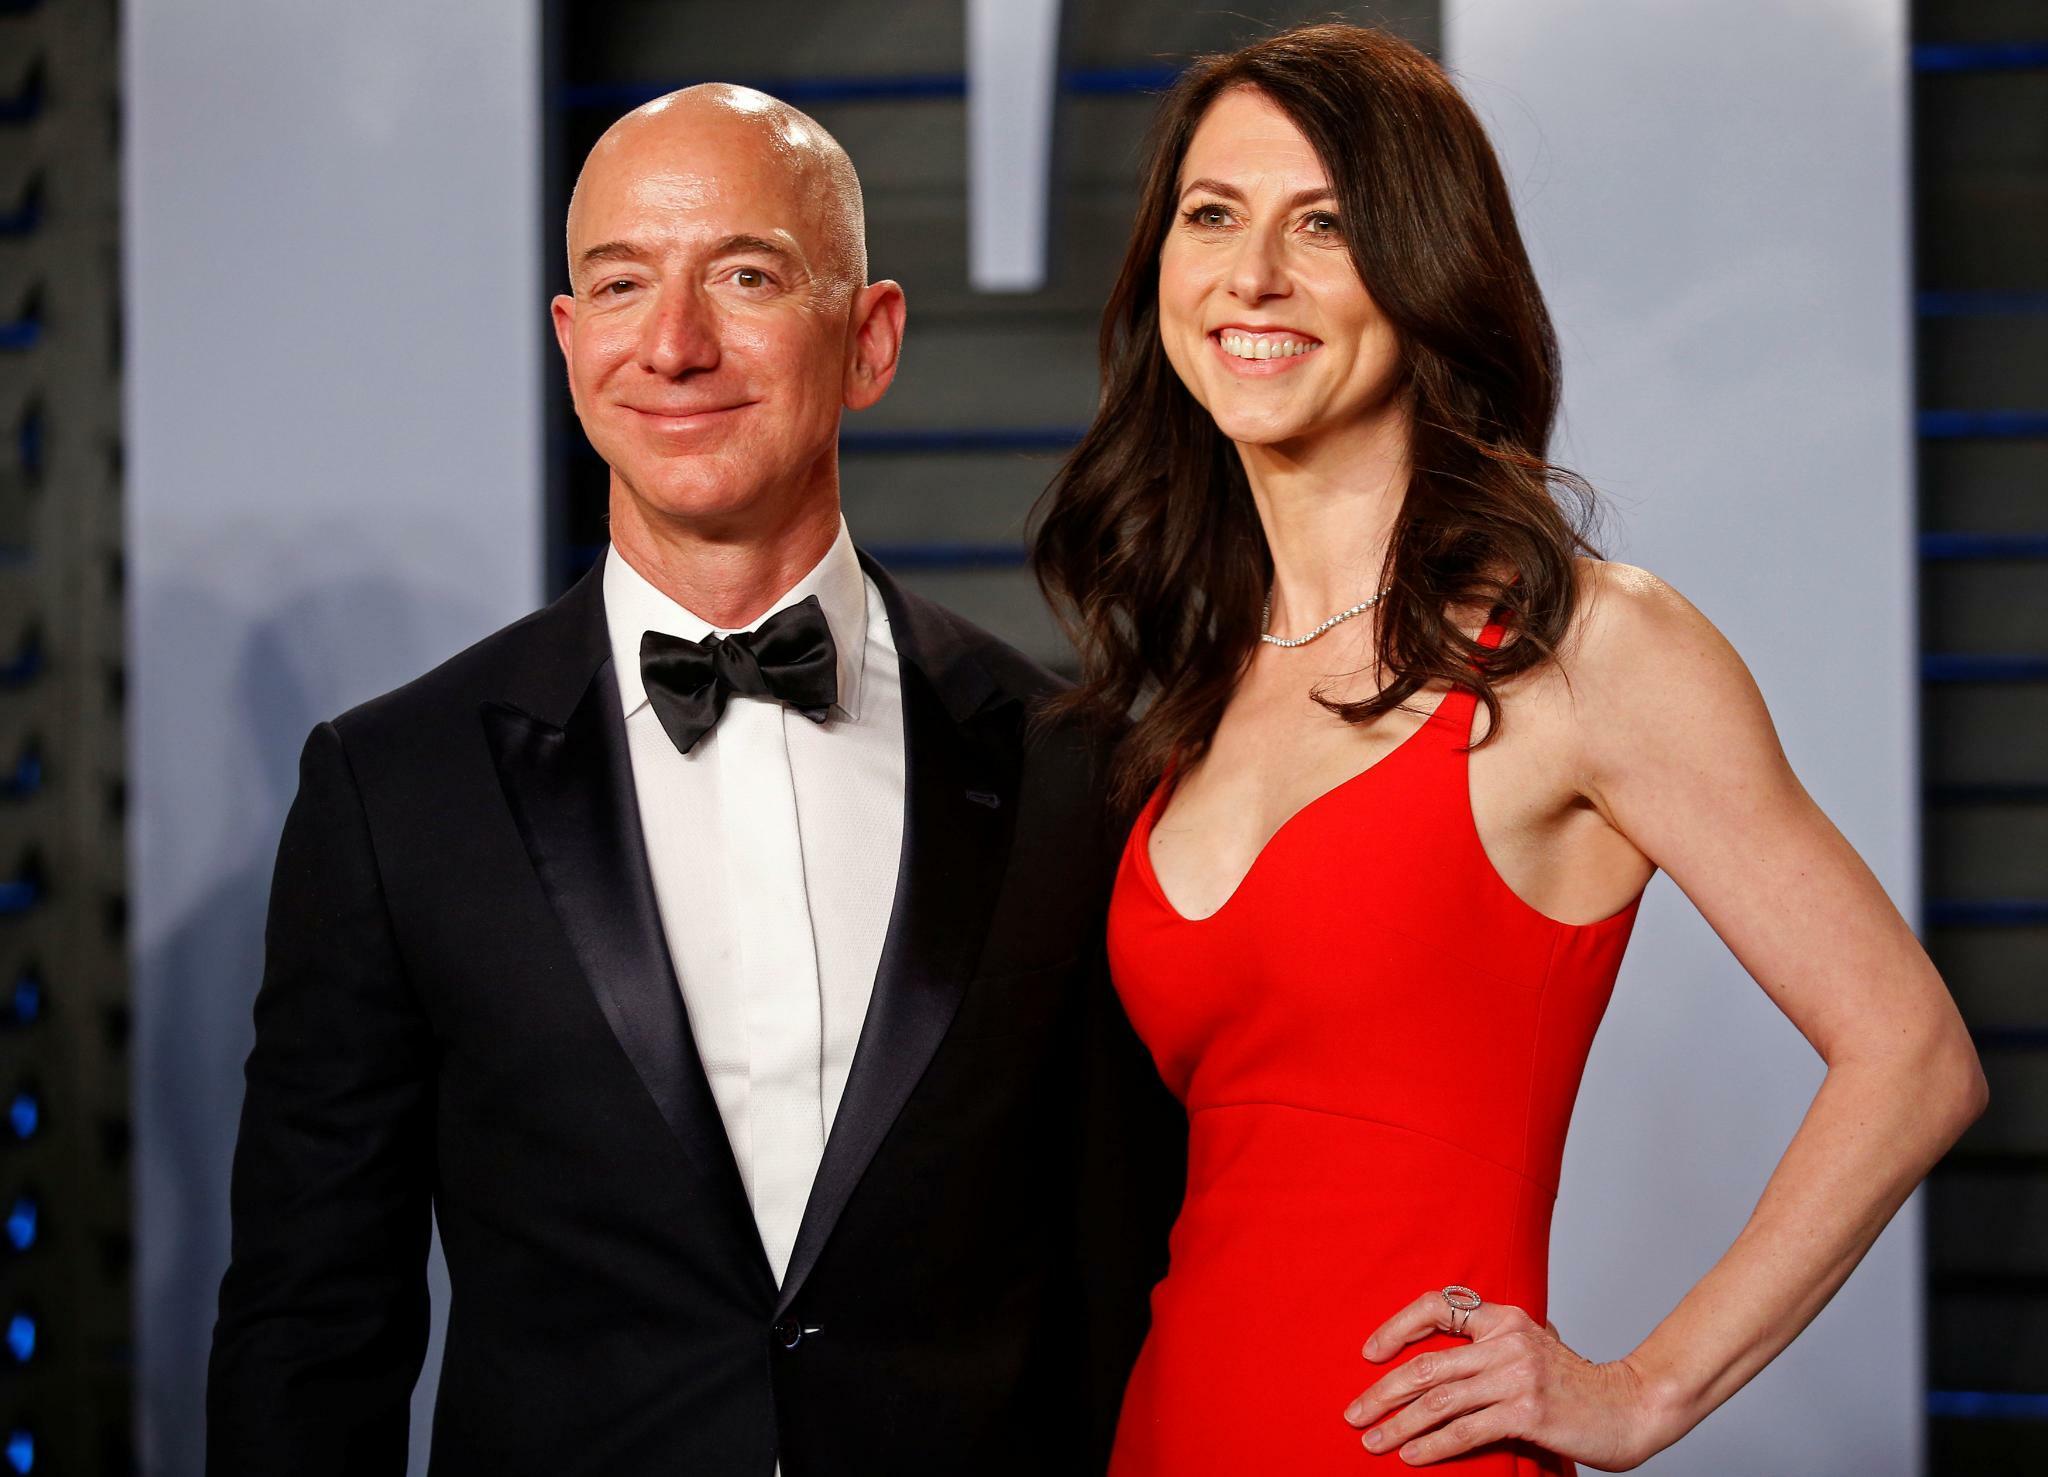 Amazon: Jeff Bezos' Ex-Frau verkauft Aktien für 400 Millionen Dollar